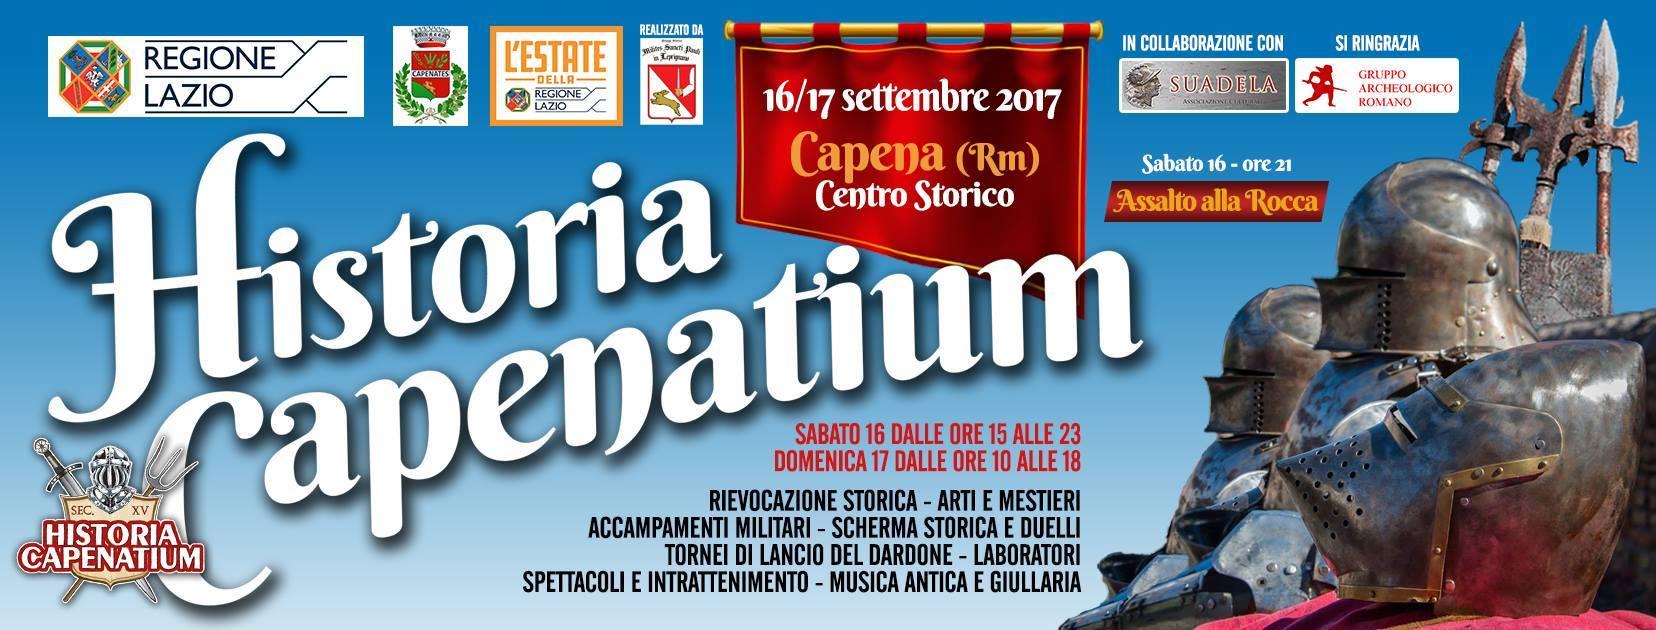 Historia Capenatium